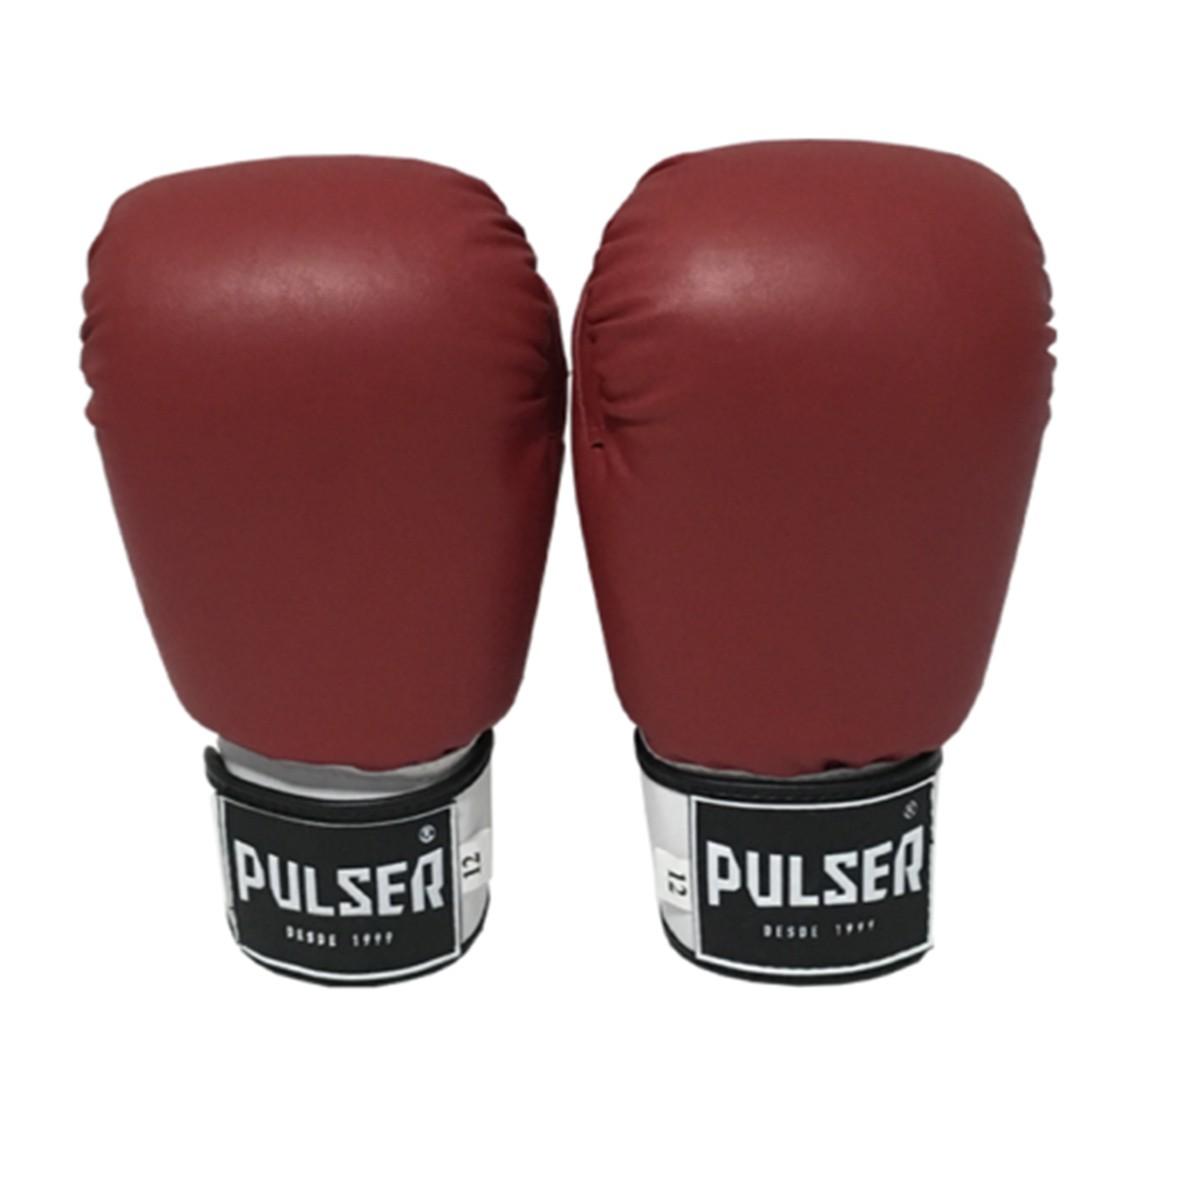 Luva de Boxe / Muay Thai 14oz - Vermelho - Pulser  - PRALUTA SHOP